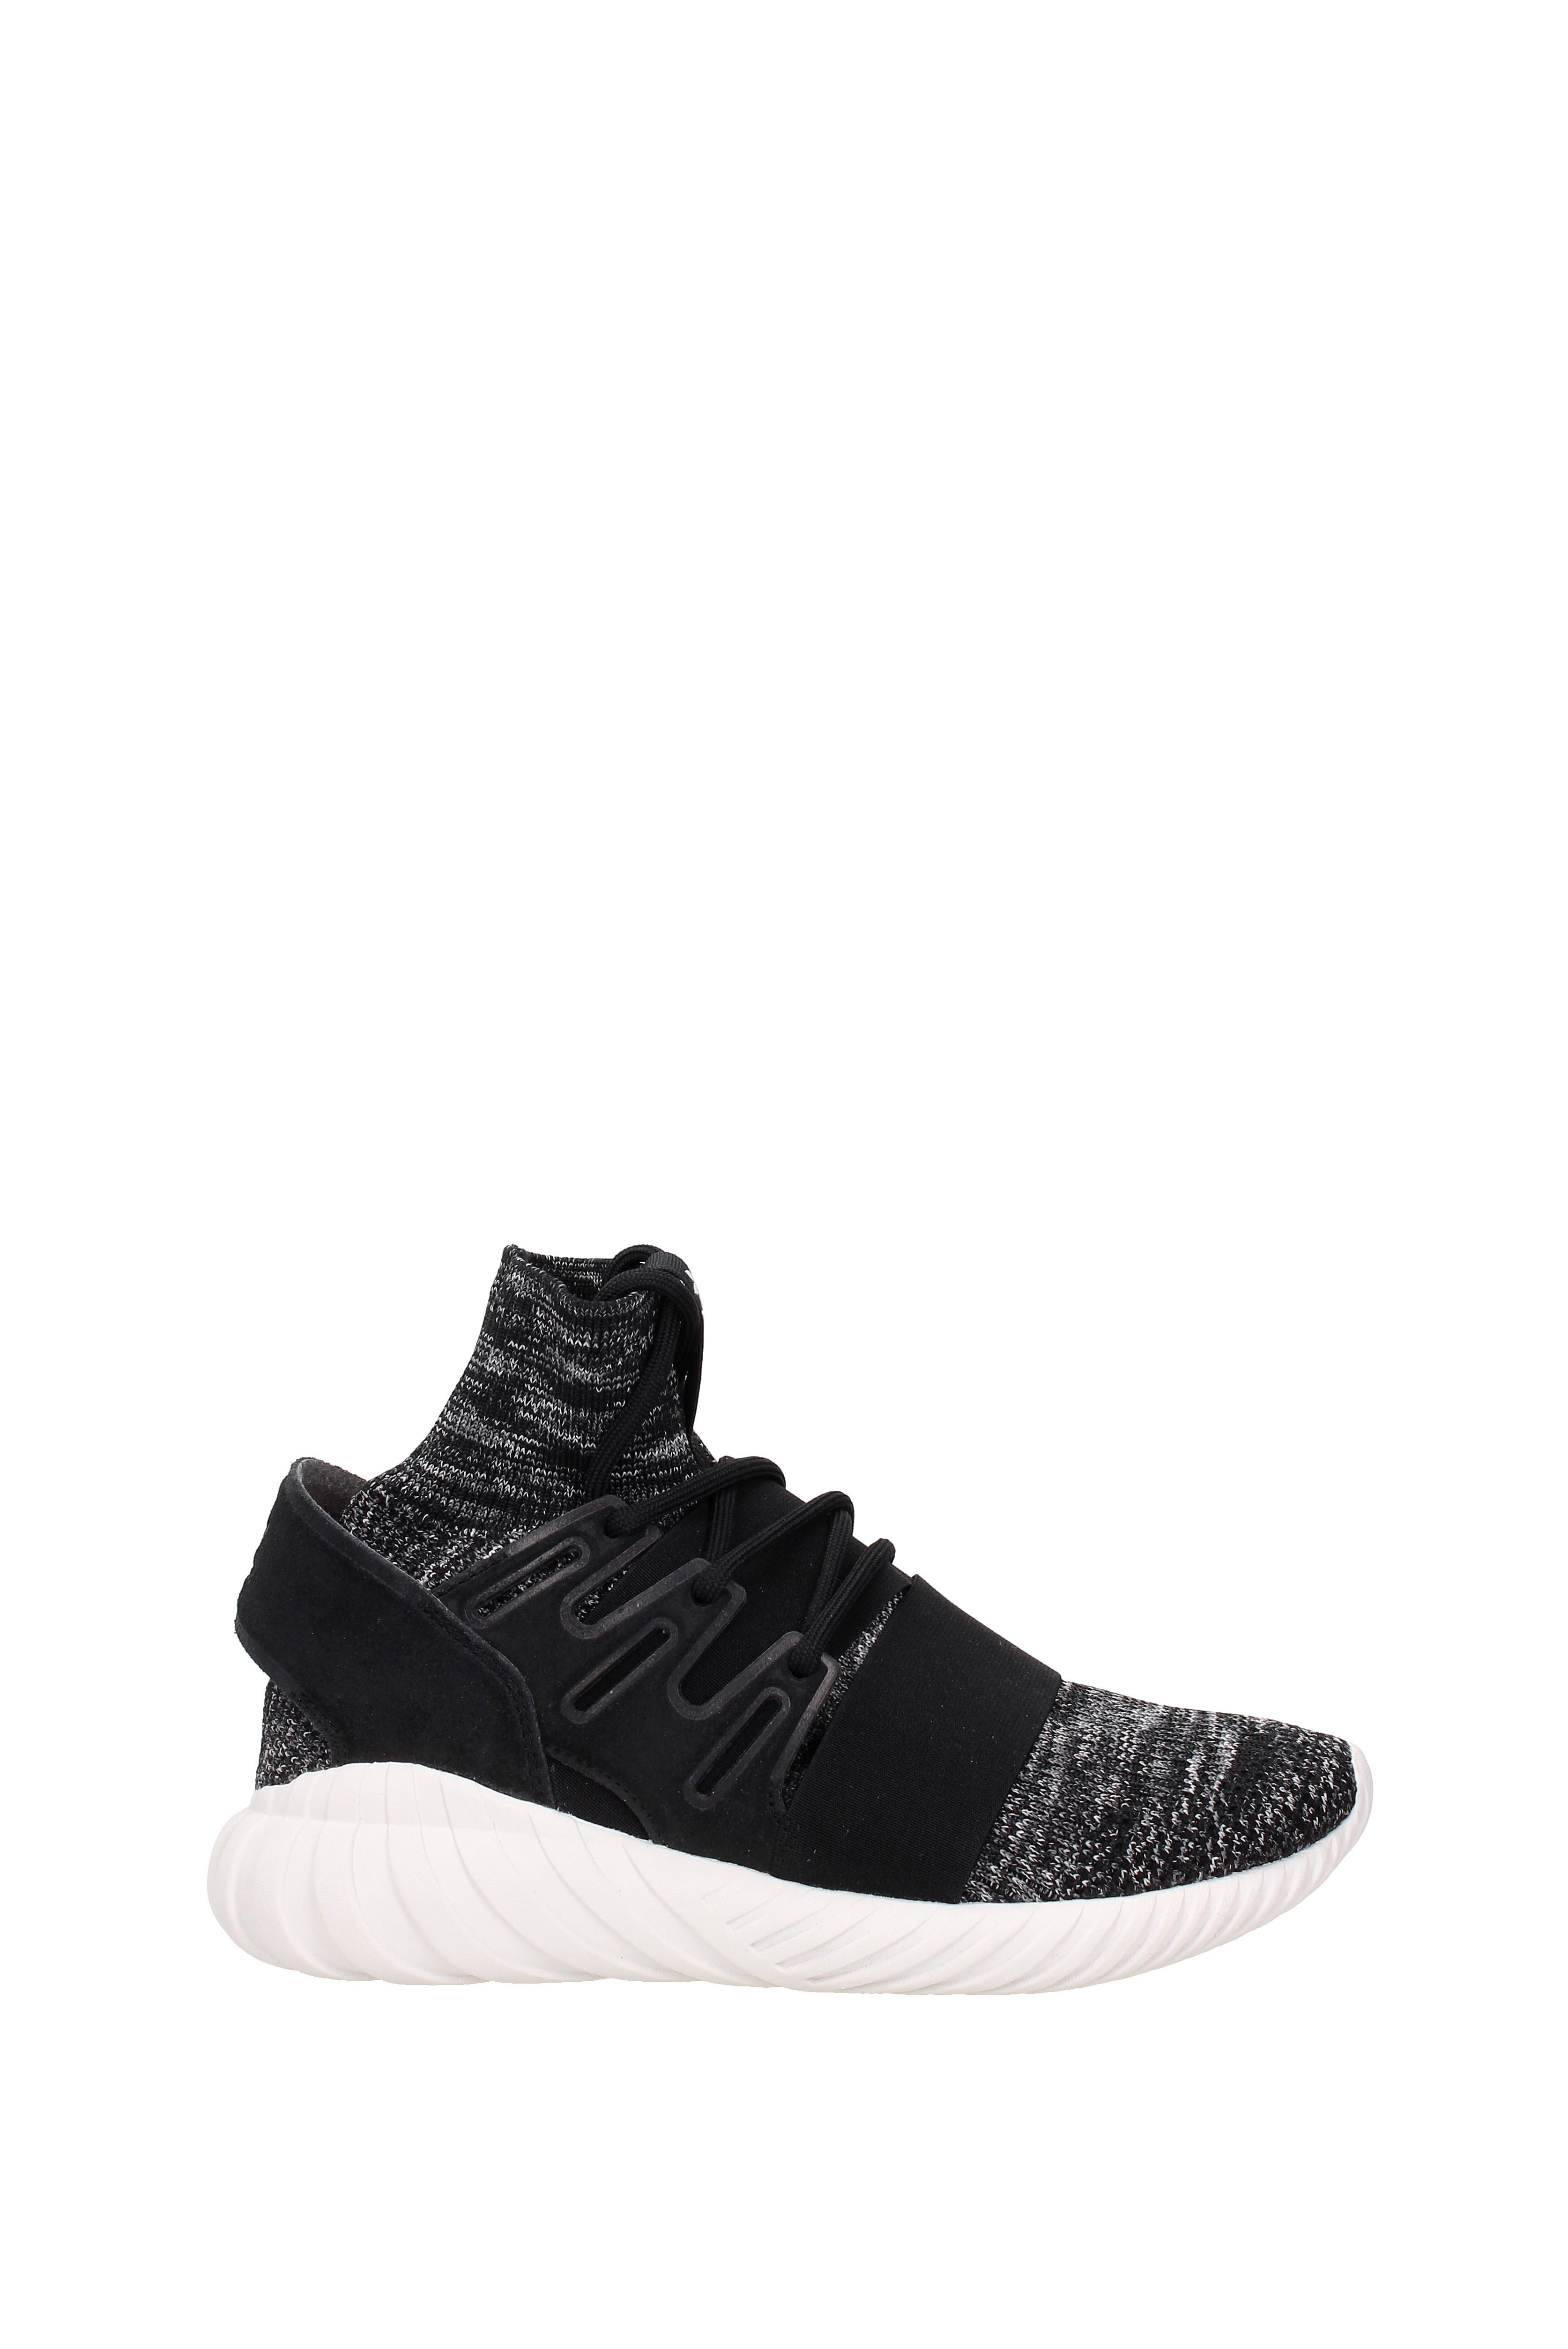 Sneakers-Adidas-tubular-doom-pk-Herren-Stoff-TUBULARDOOMPKBB239